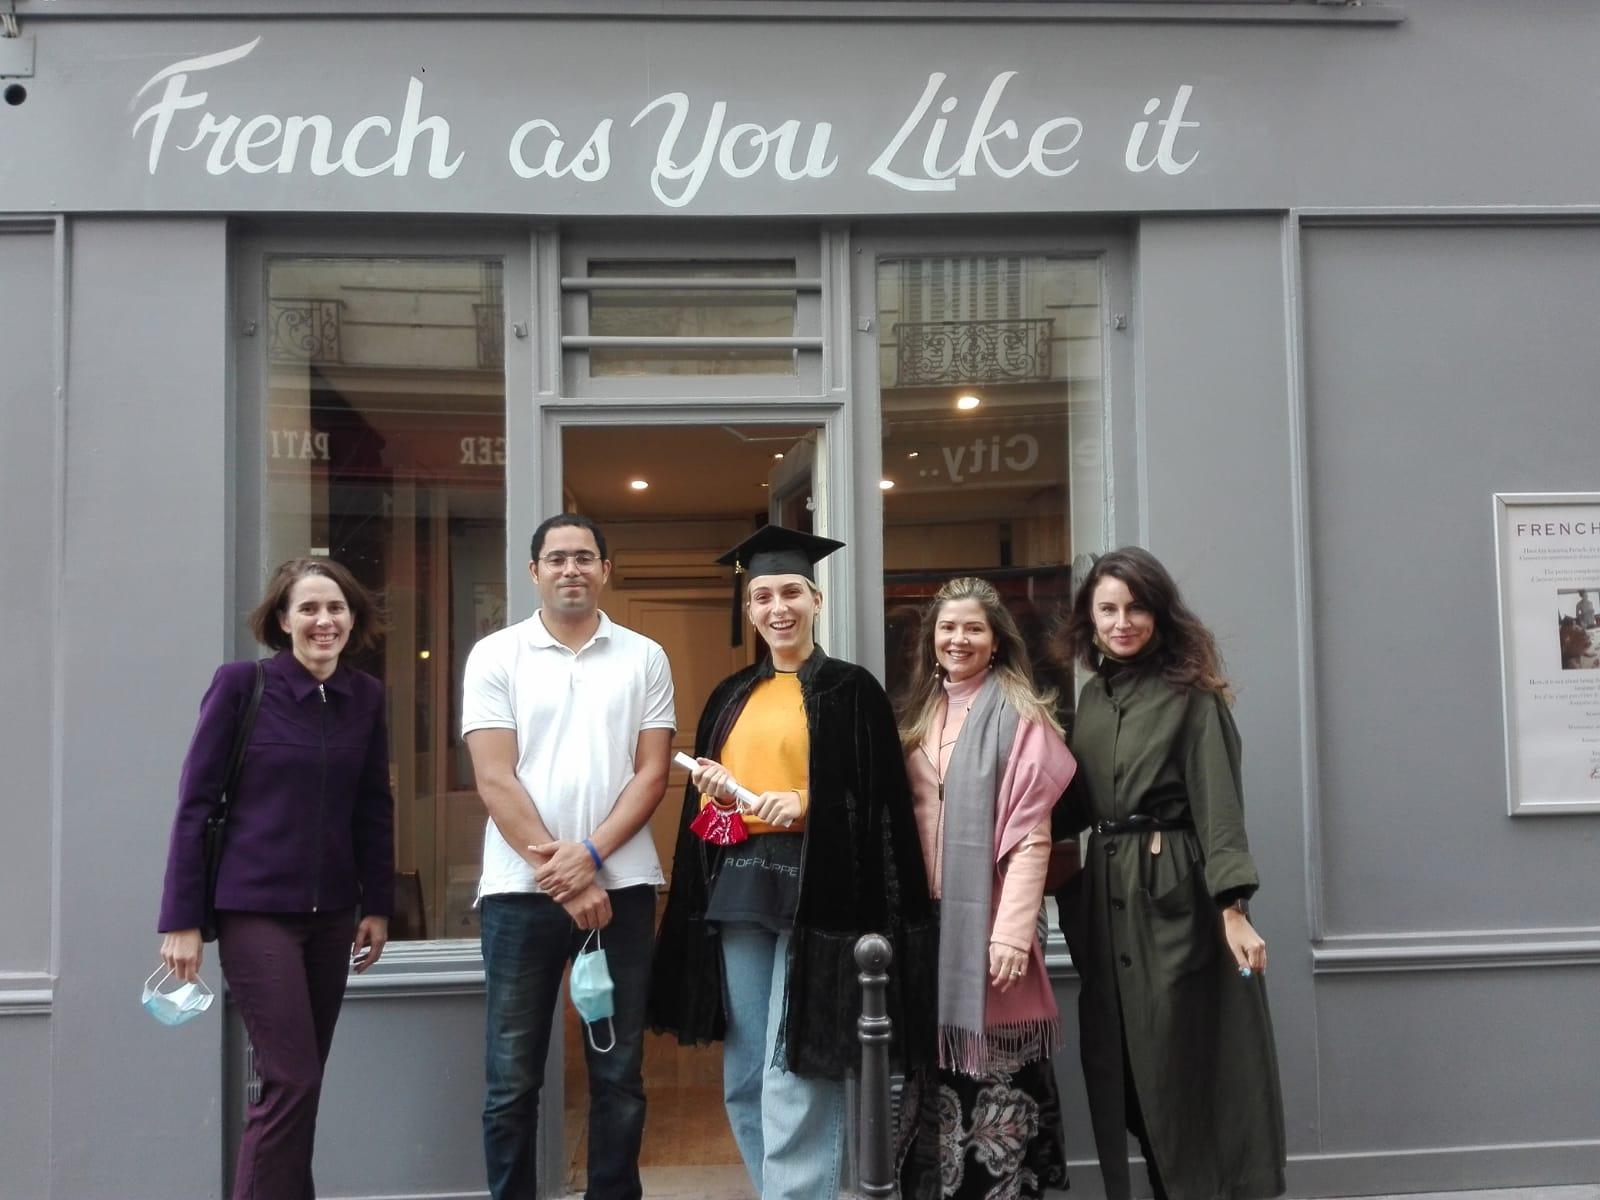 École French as You Like It - Etudiants devant l'entrée